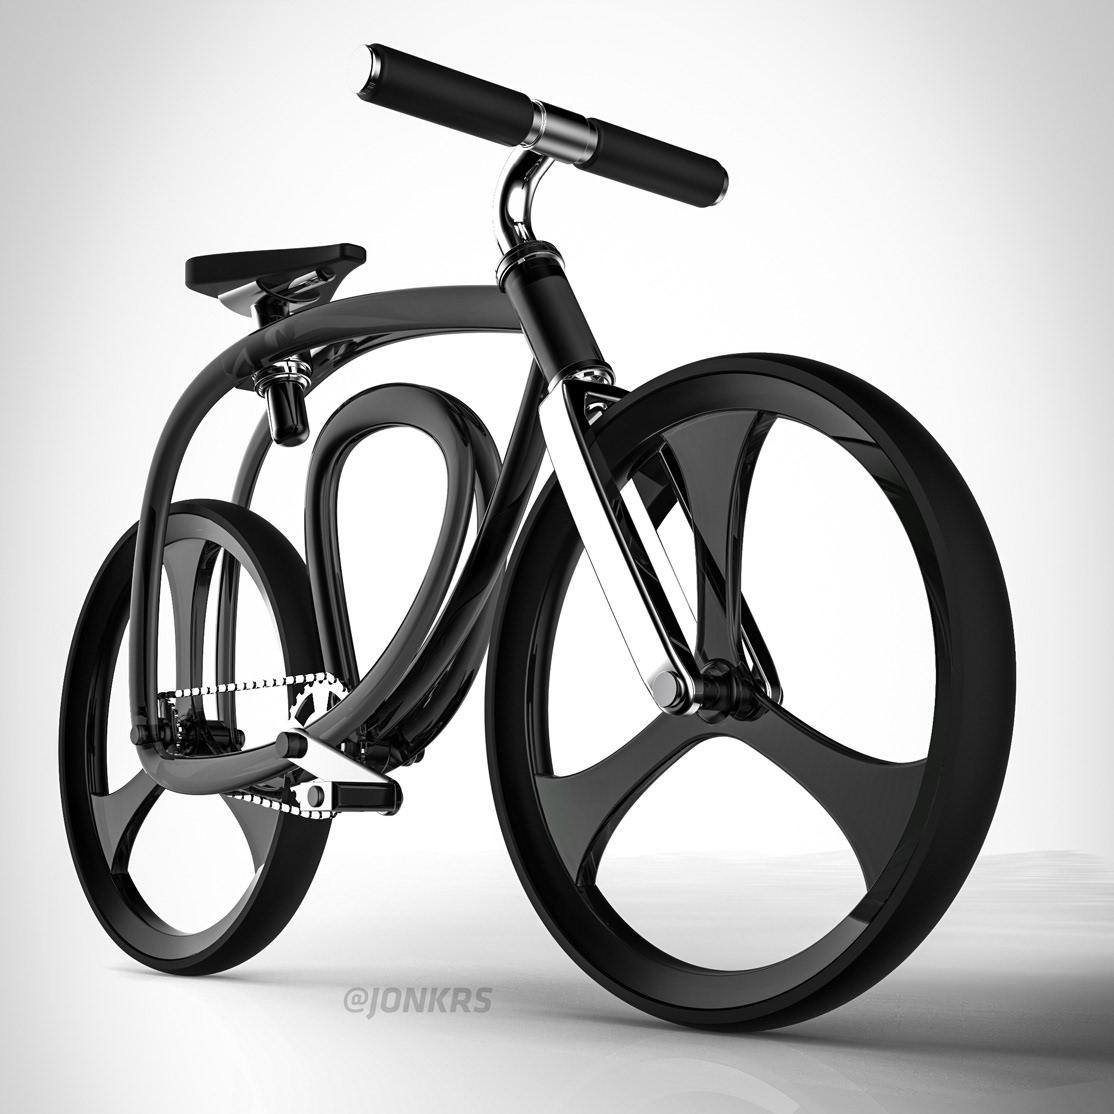 Bike,Bicycle,3d design,concept,loop the loop